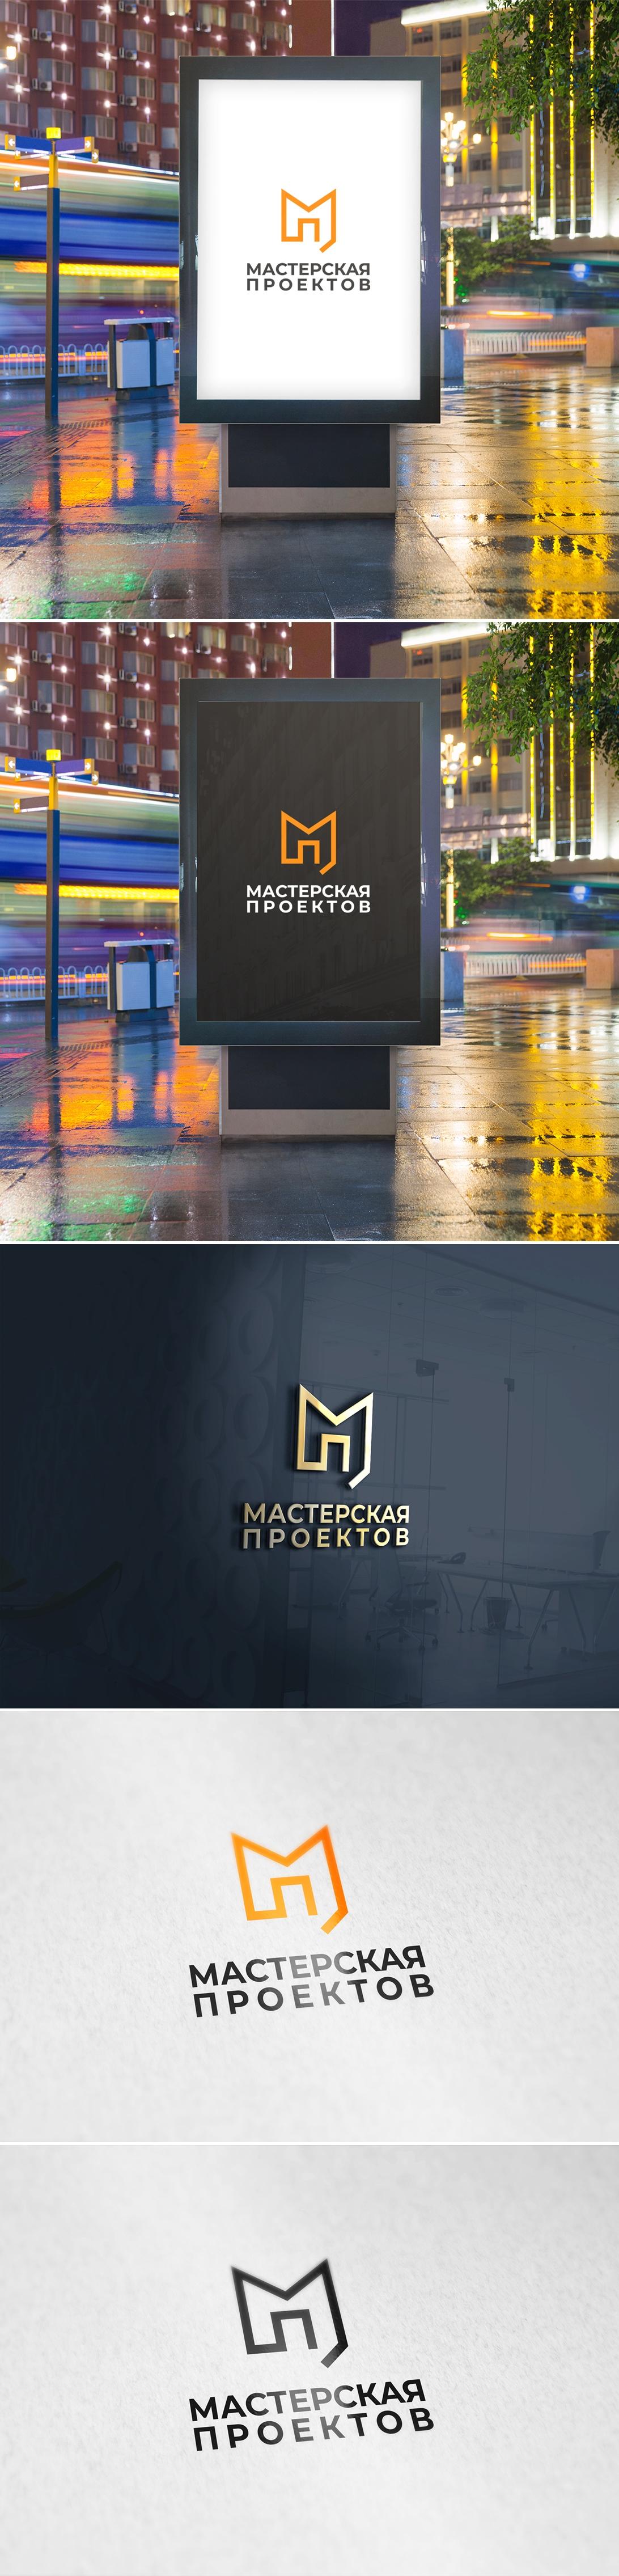 Разработка логотипа строительно-мебельного проекта (см. опис фото f_028606c6bb1a91c1.jpg